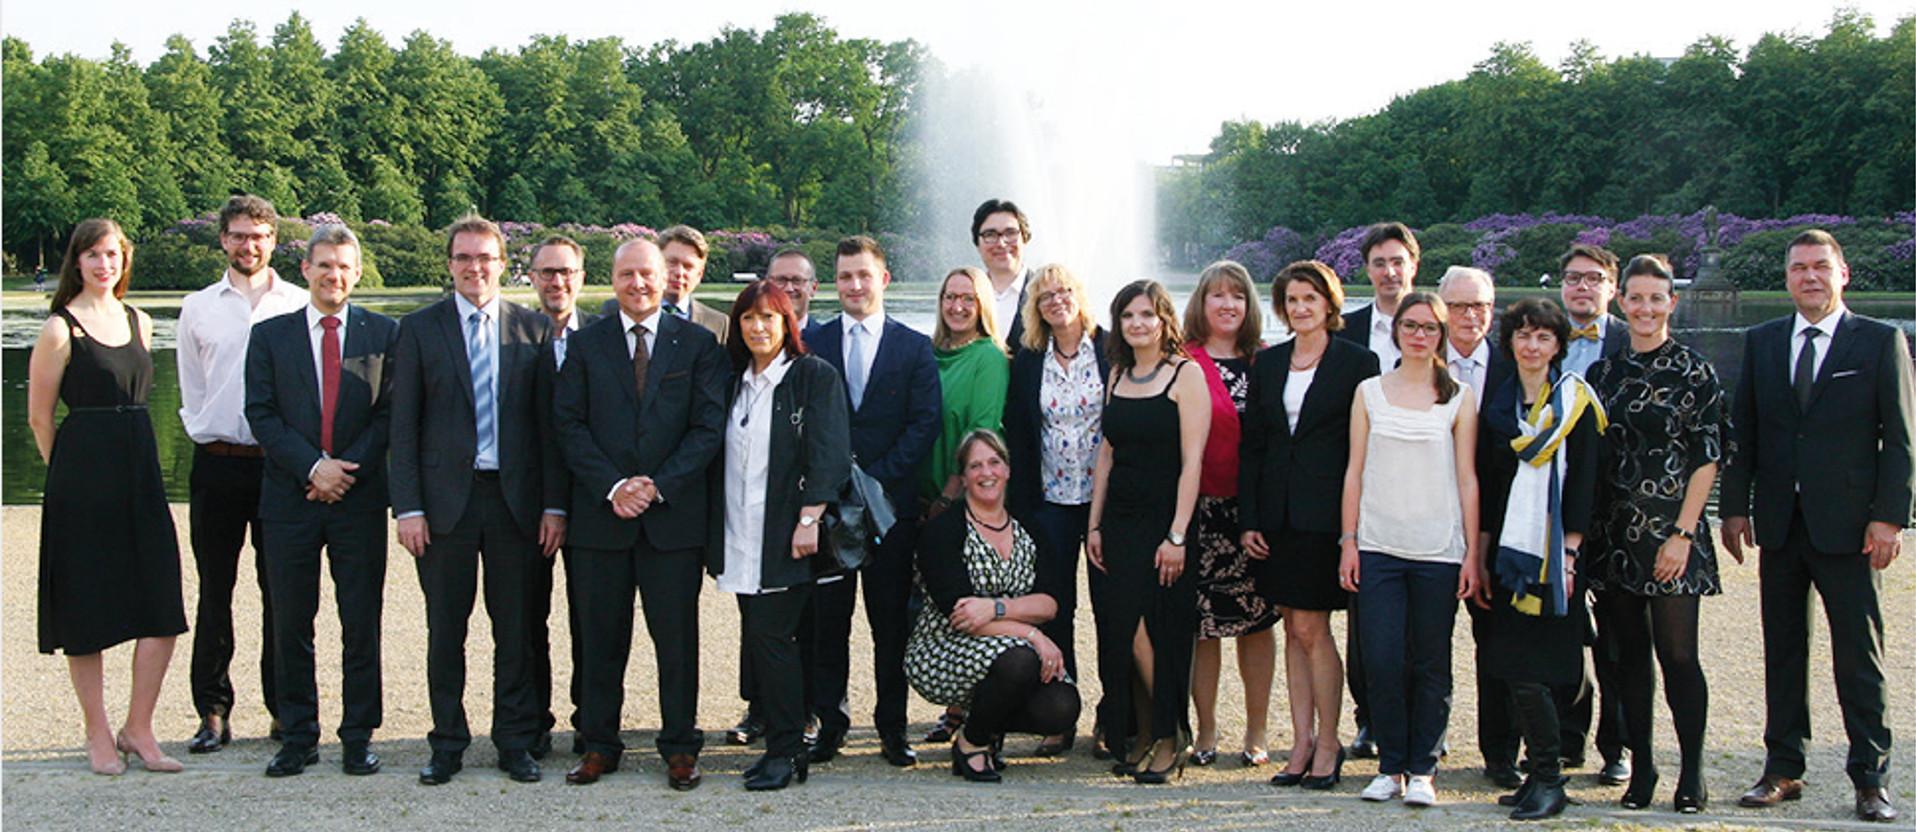 Eine Gruppe aus vielen Personen vor einem Springbrunnen und grünen Bäumen